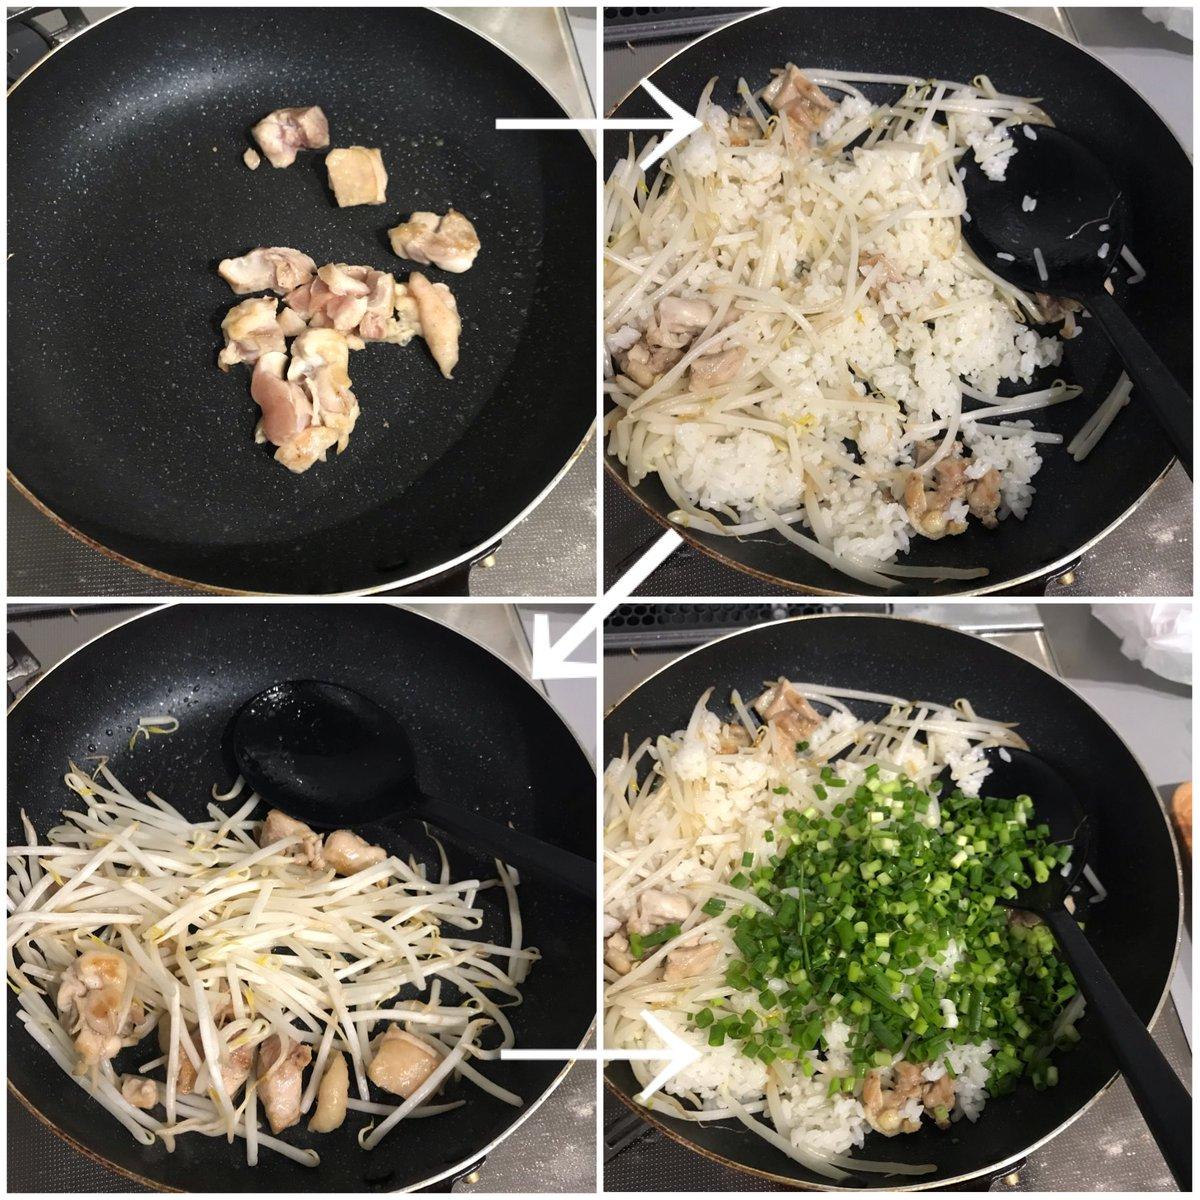 晩ごはんのメニューに悩んでいる人は是非!とっても美味しそうな、鶏肉ともやしの炒飯レシピ!